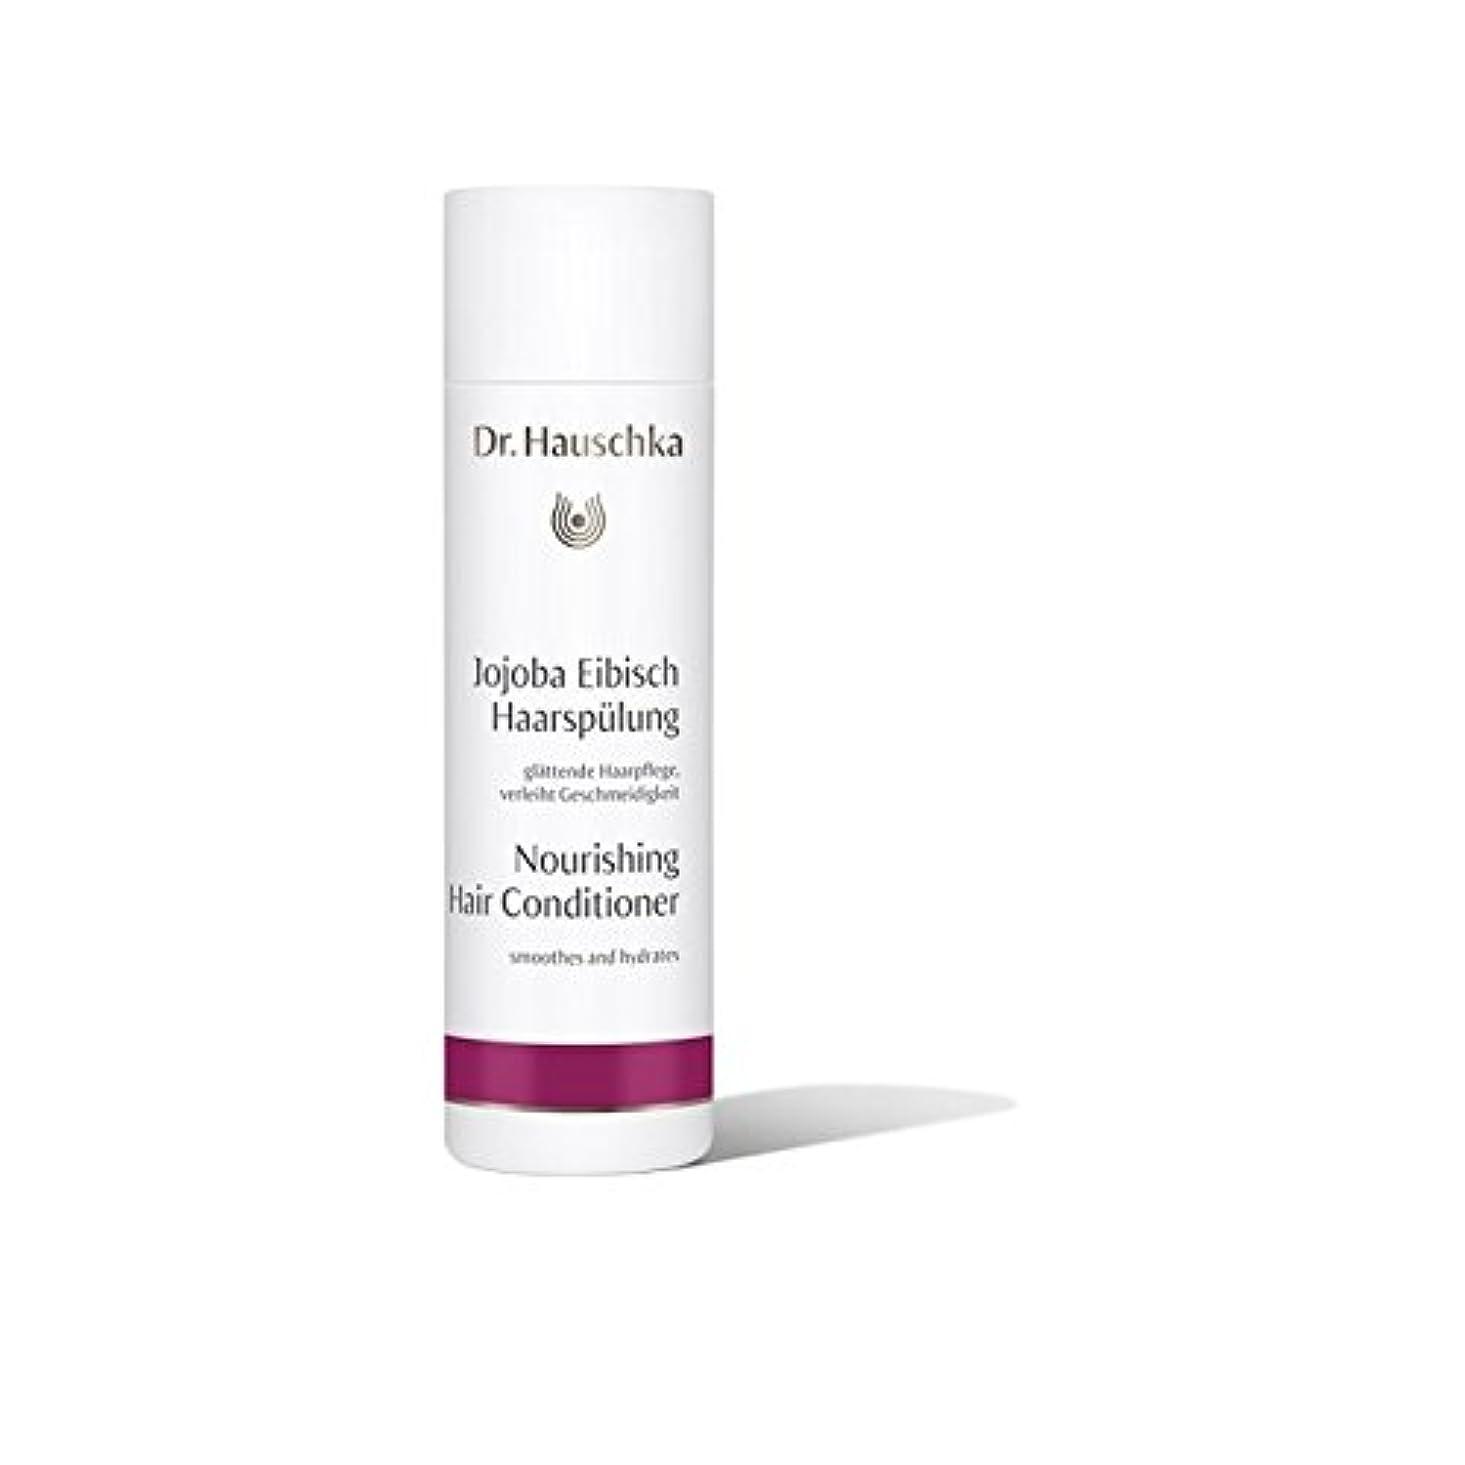 チーズ物語感じるDr. Hauschka Nourishing Hair Conditioner (200ml) - ハウシュカ栄養ヘアコンディショナー(200ミリリットル) [並行輸入品]